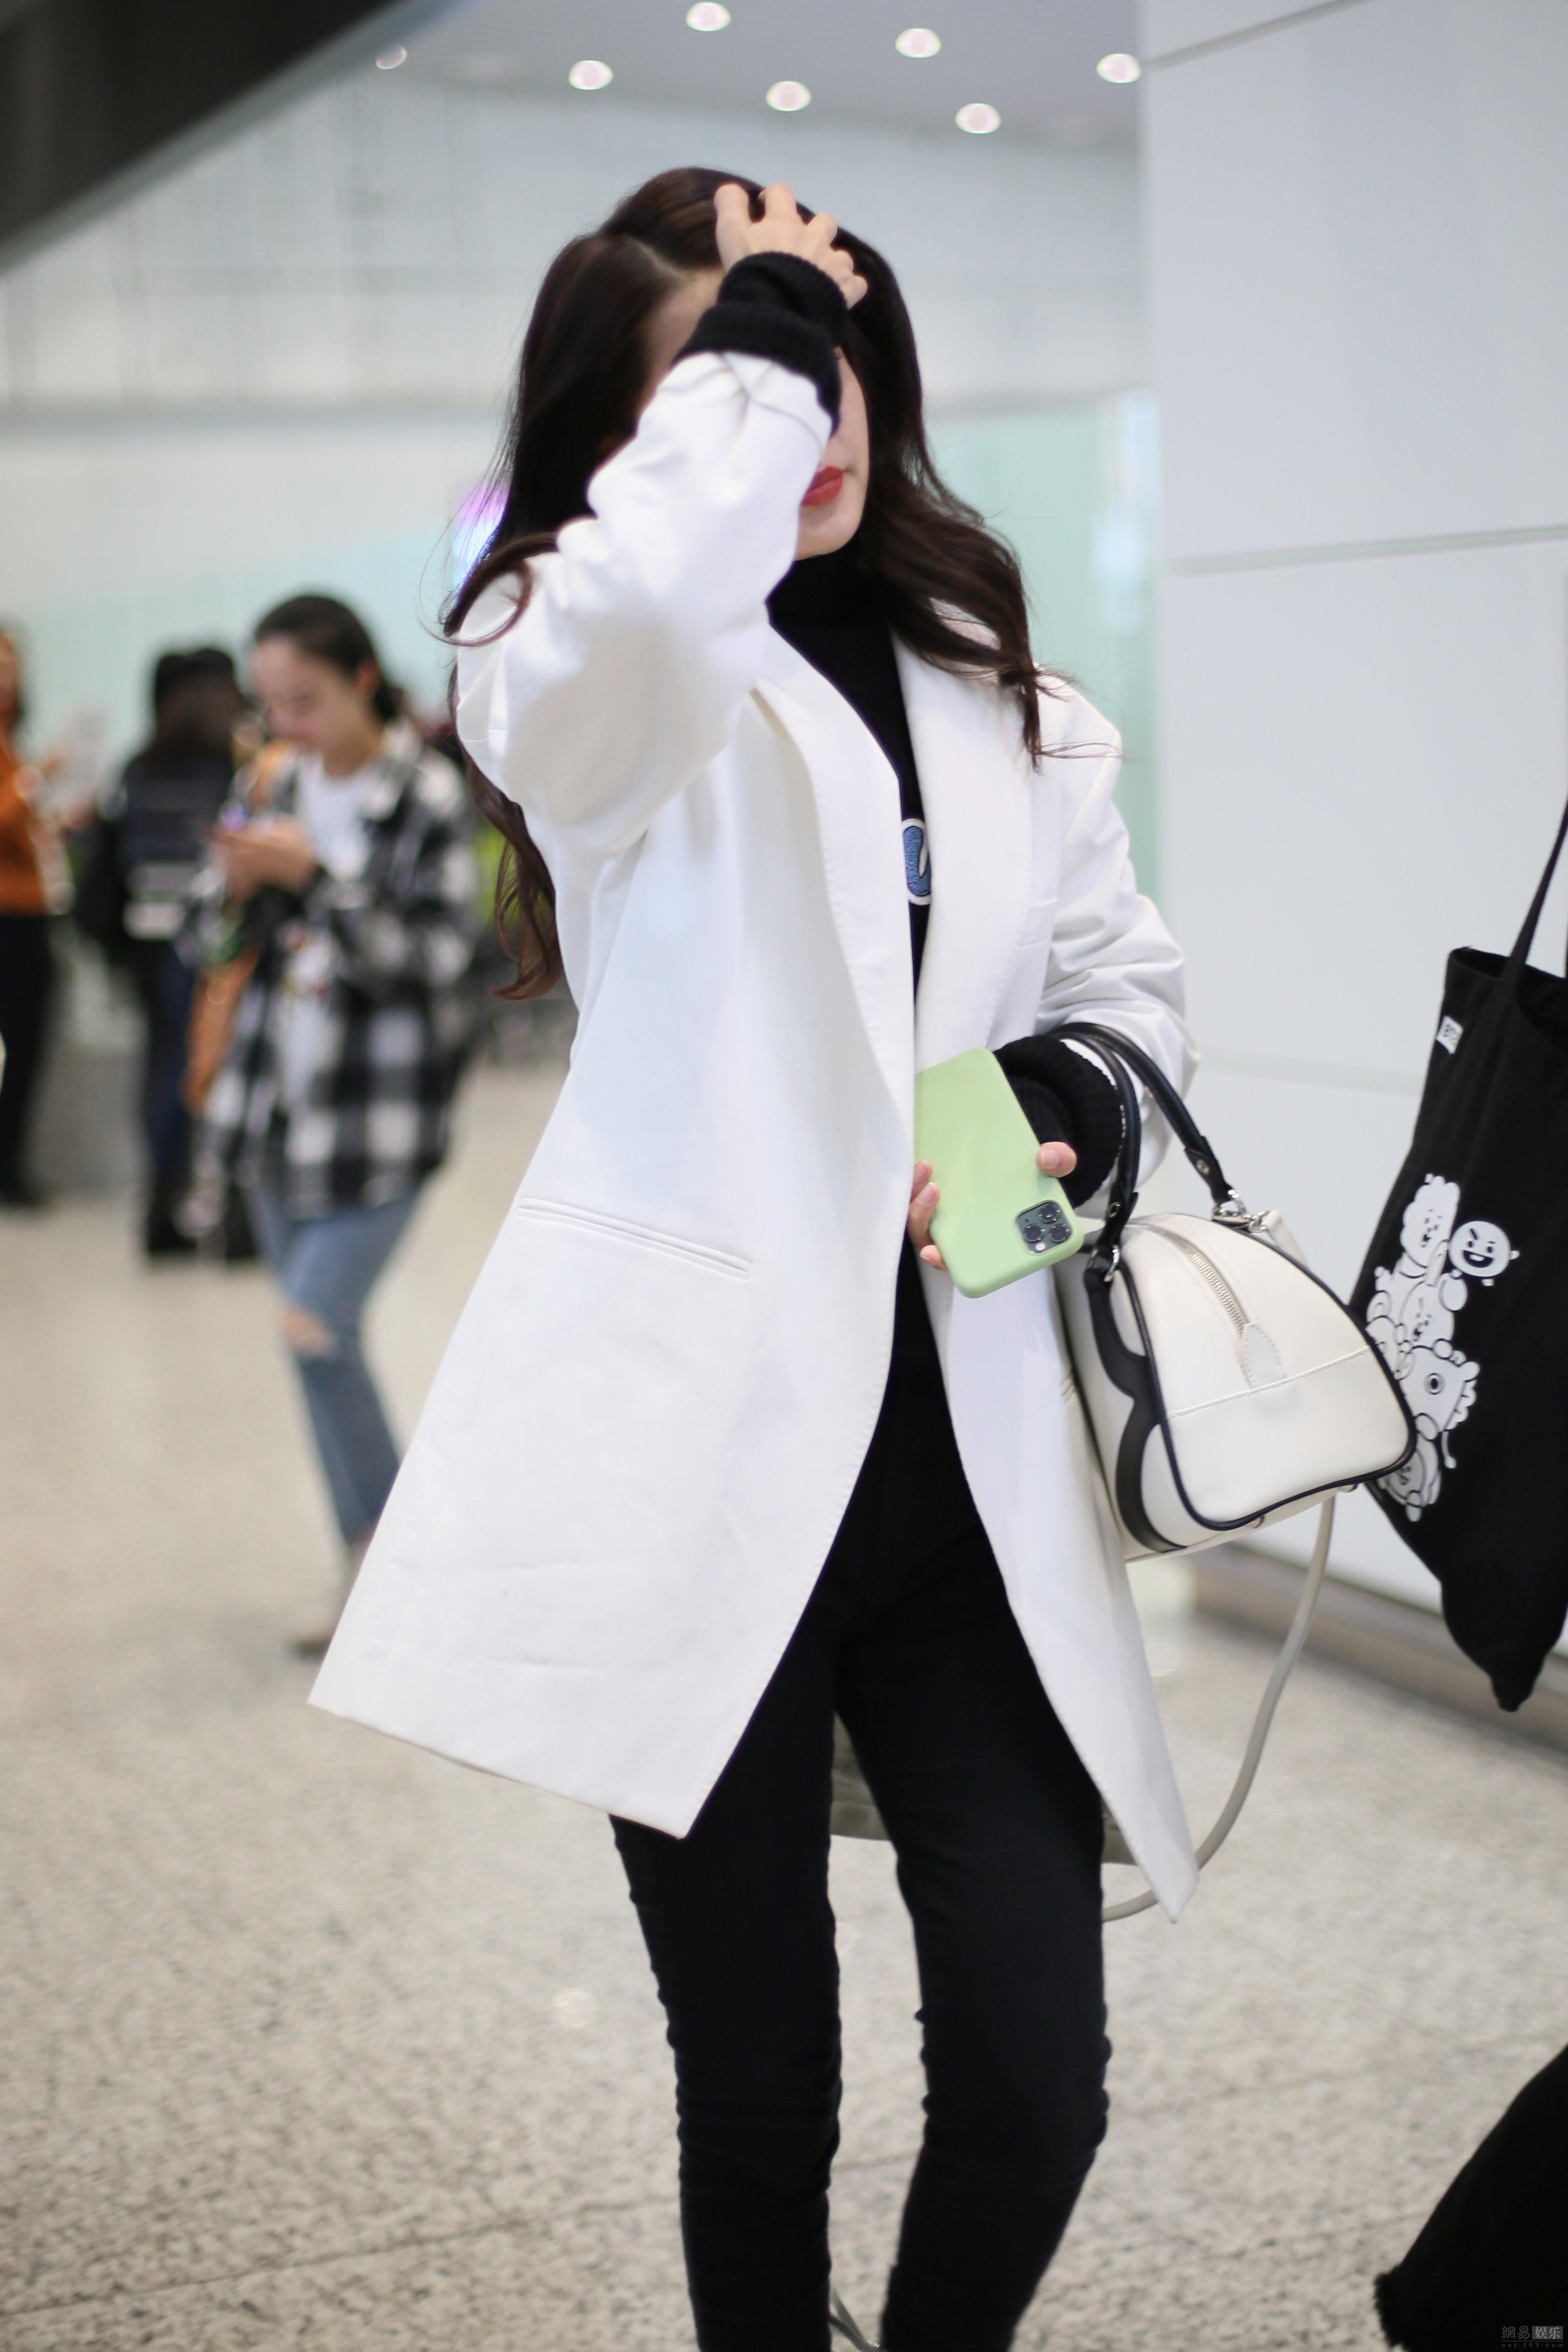 李沁穿黑白简装依旧美 不时撩发女人味十足